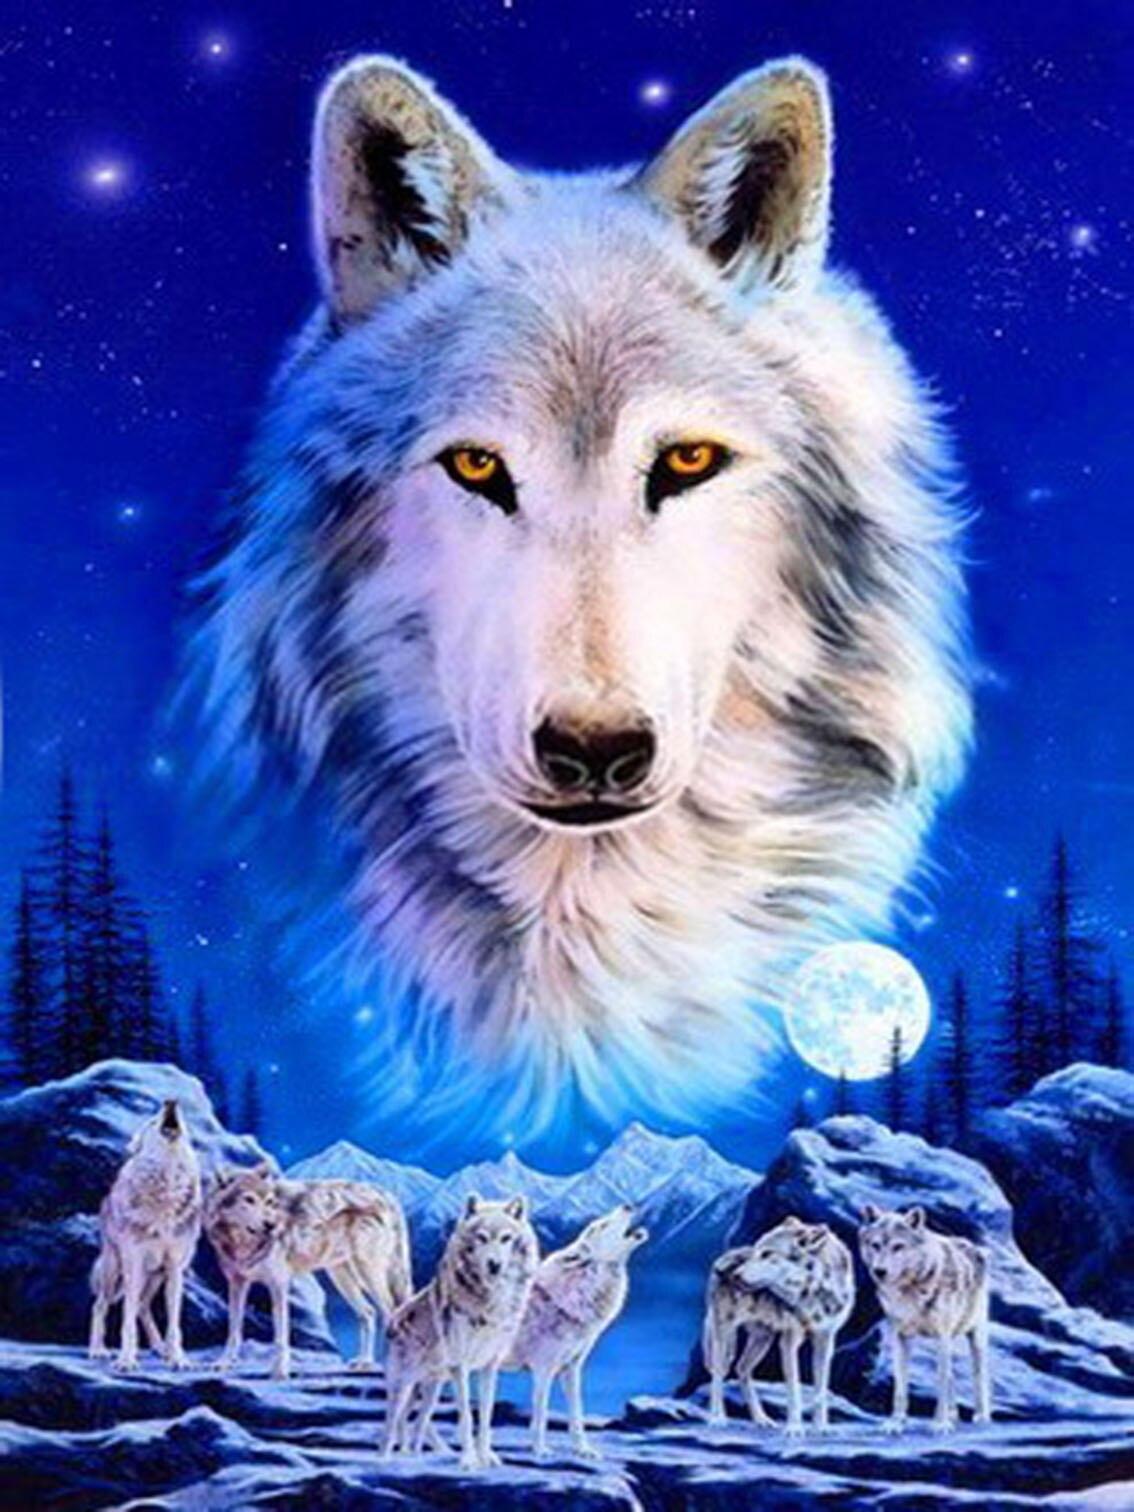 должен картинки сверкающих волков опубликовал своей странице